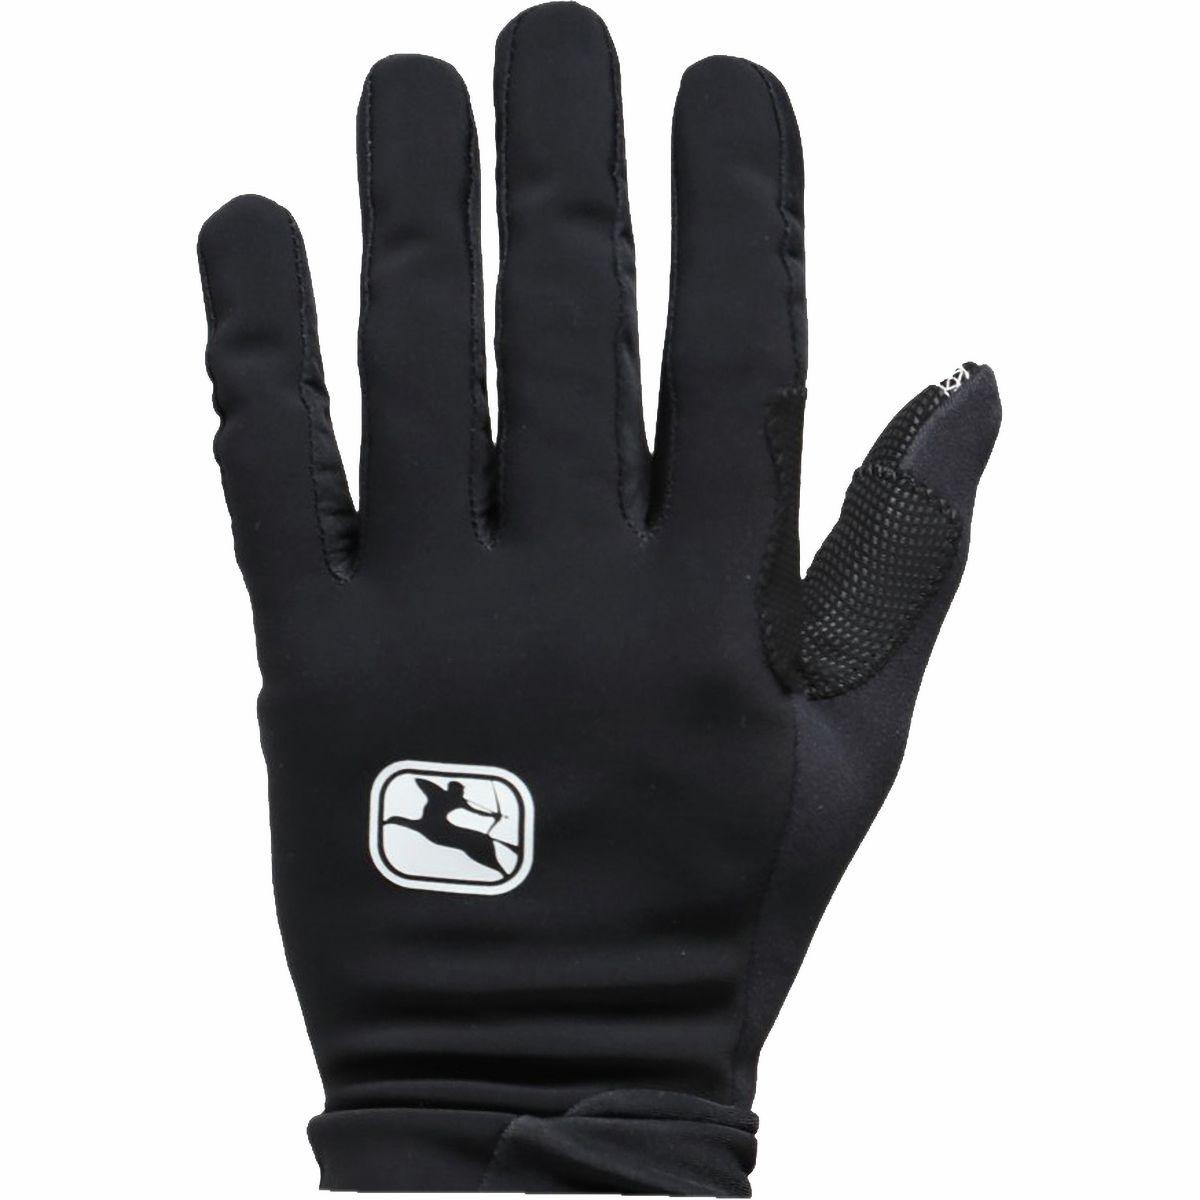 Giordana AV 200 Winter Glove - Men's